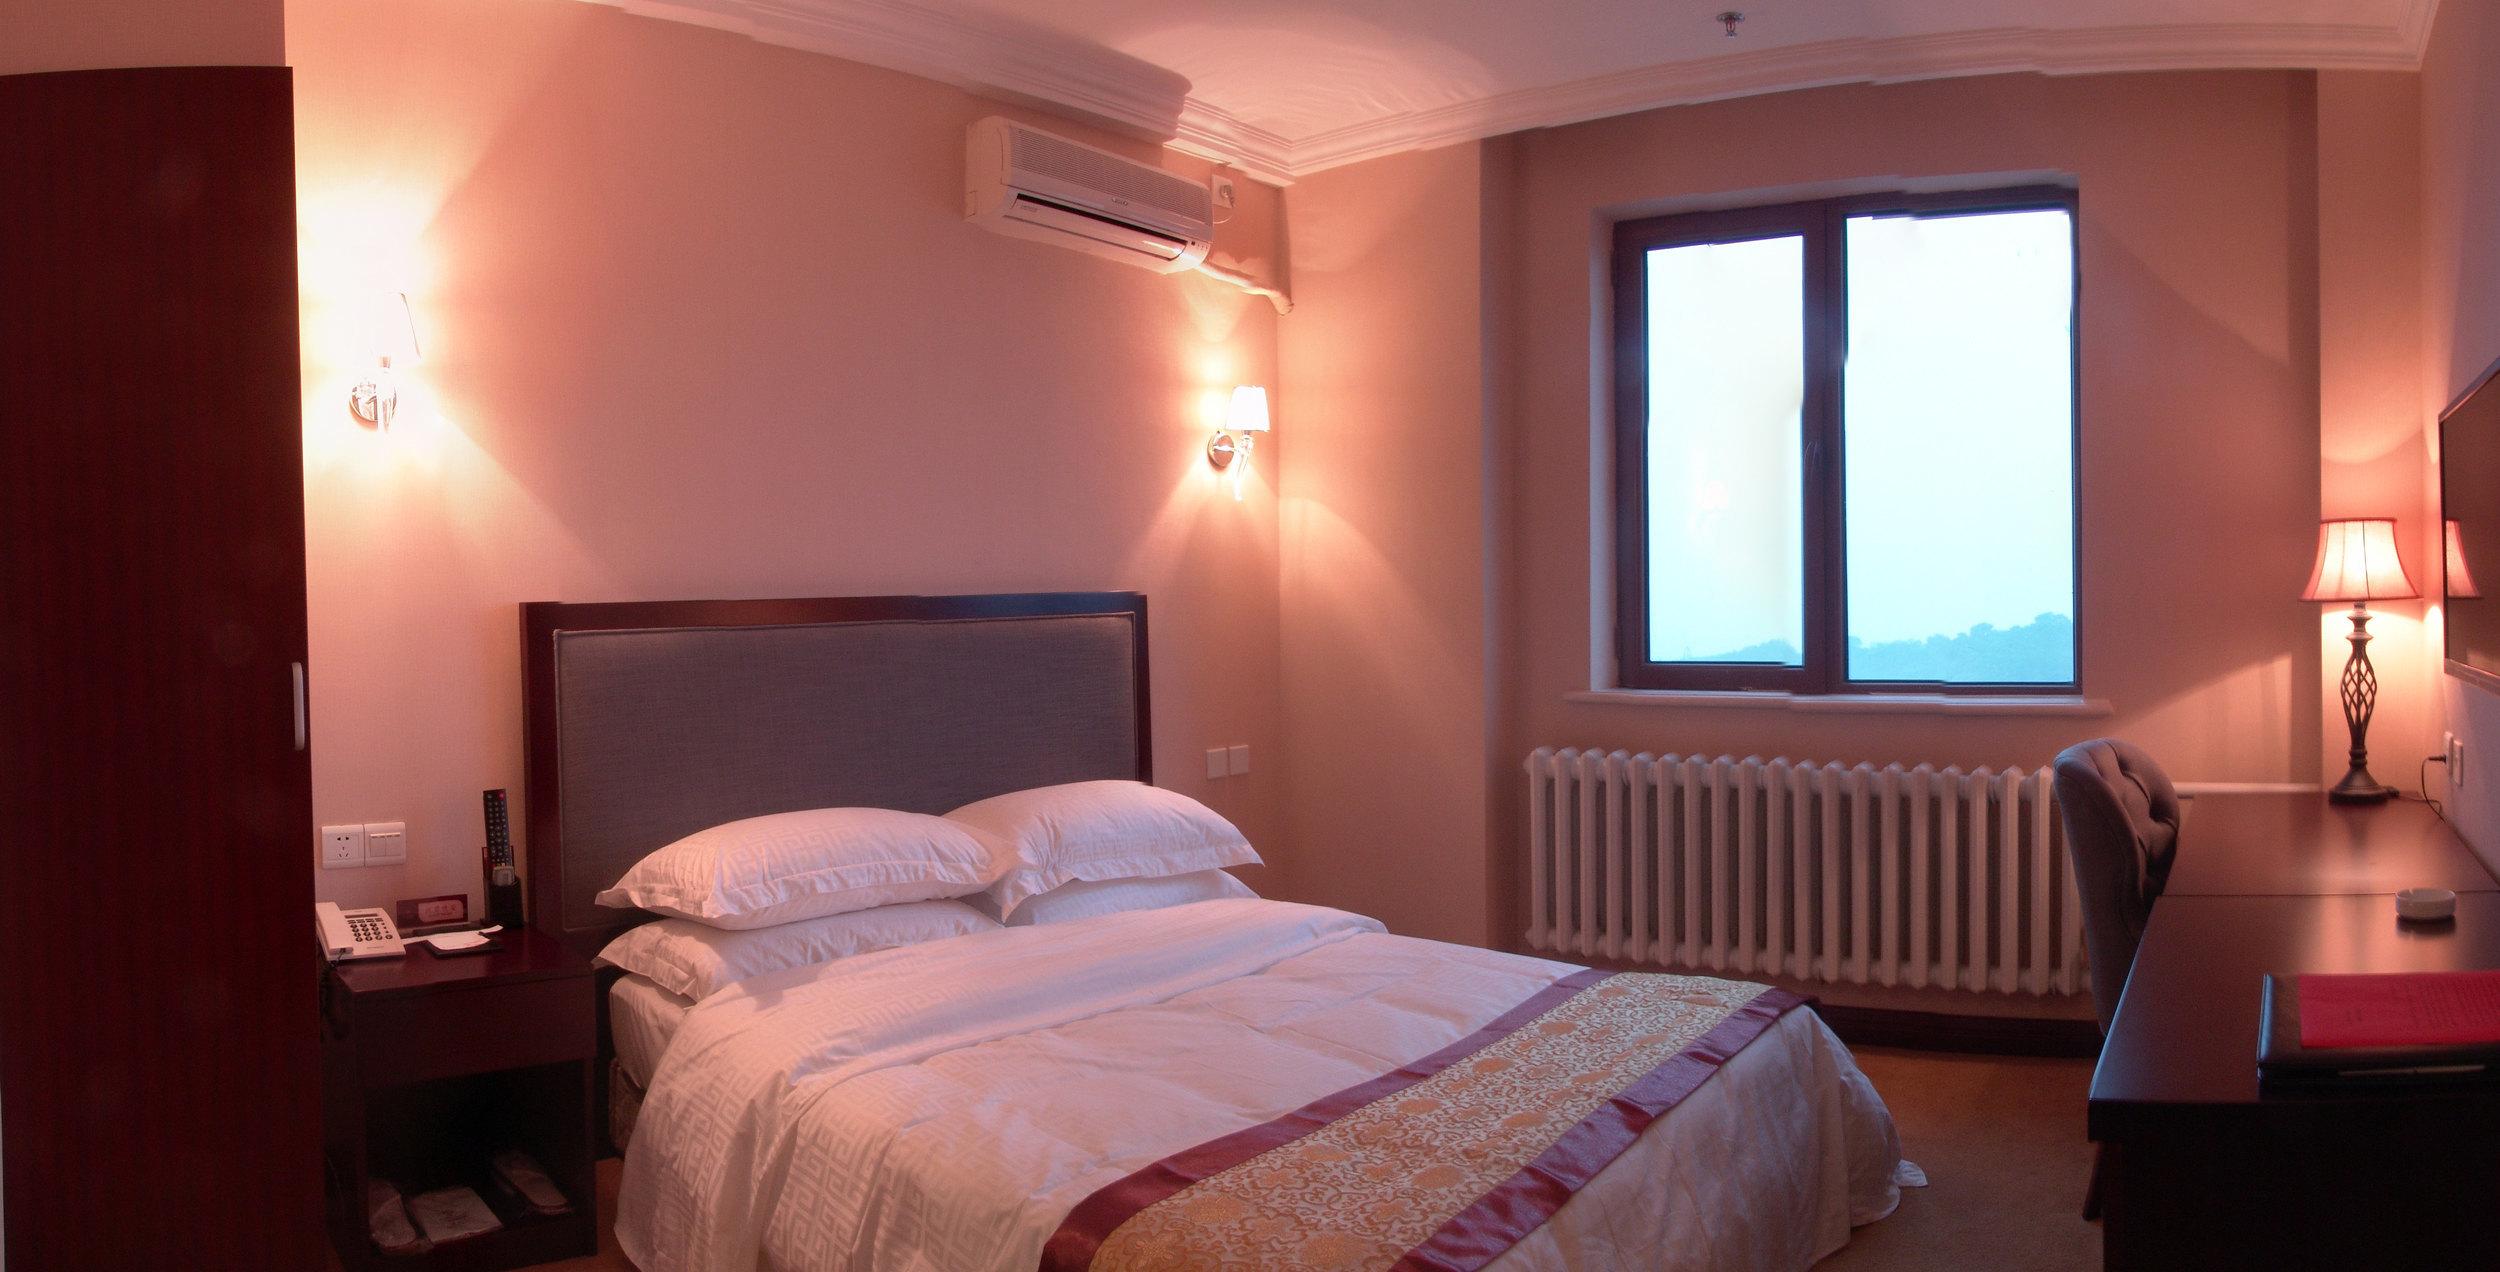 背景墙 房间 家居 酒店 设计 卧室 卧室装修 现代 装修 2500_1272